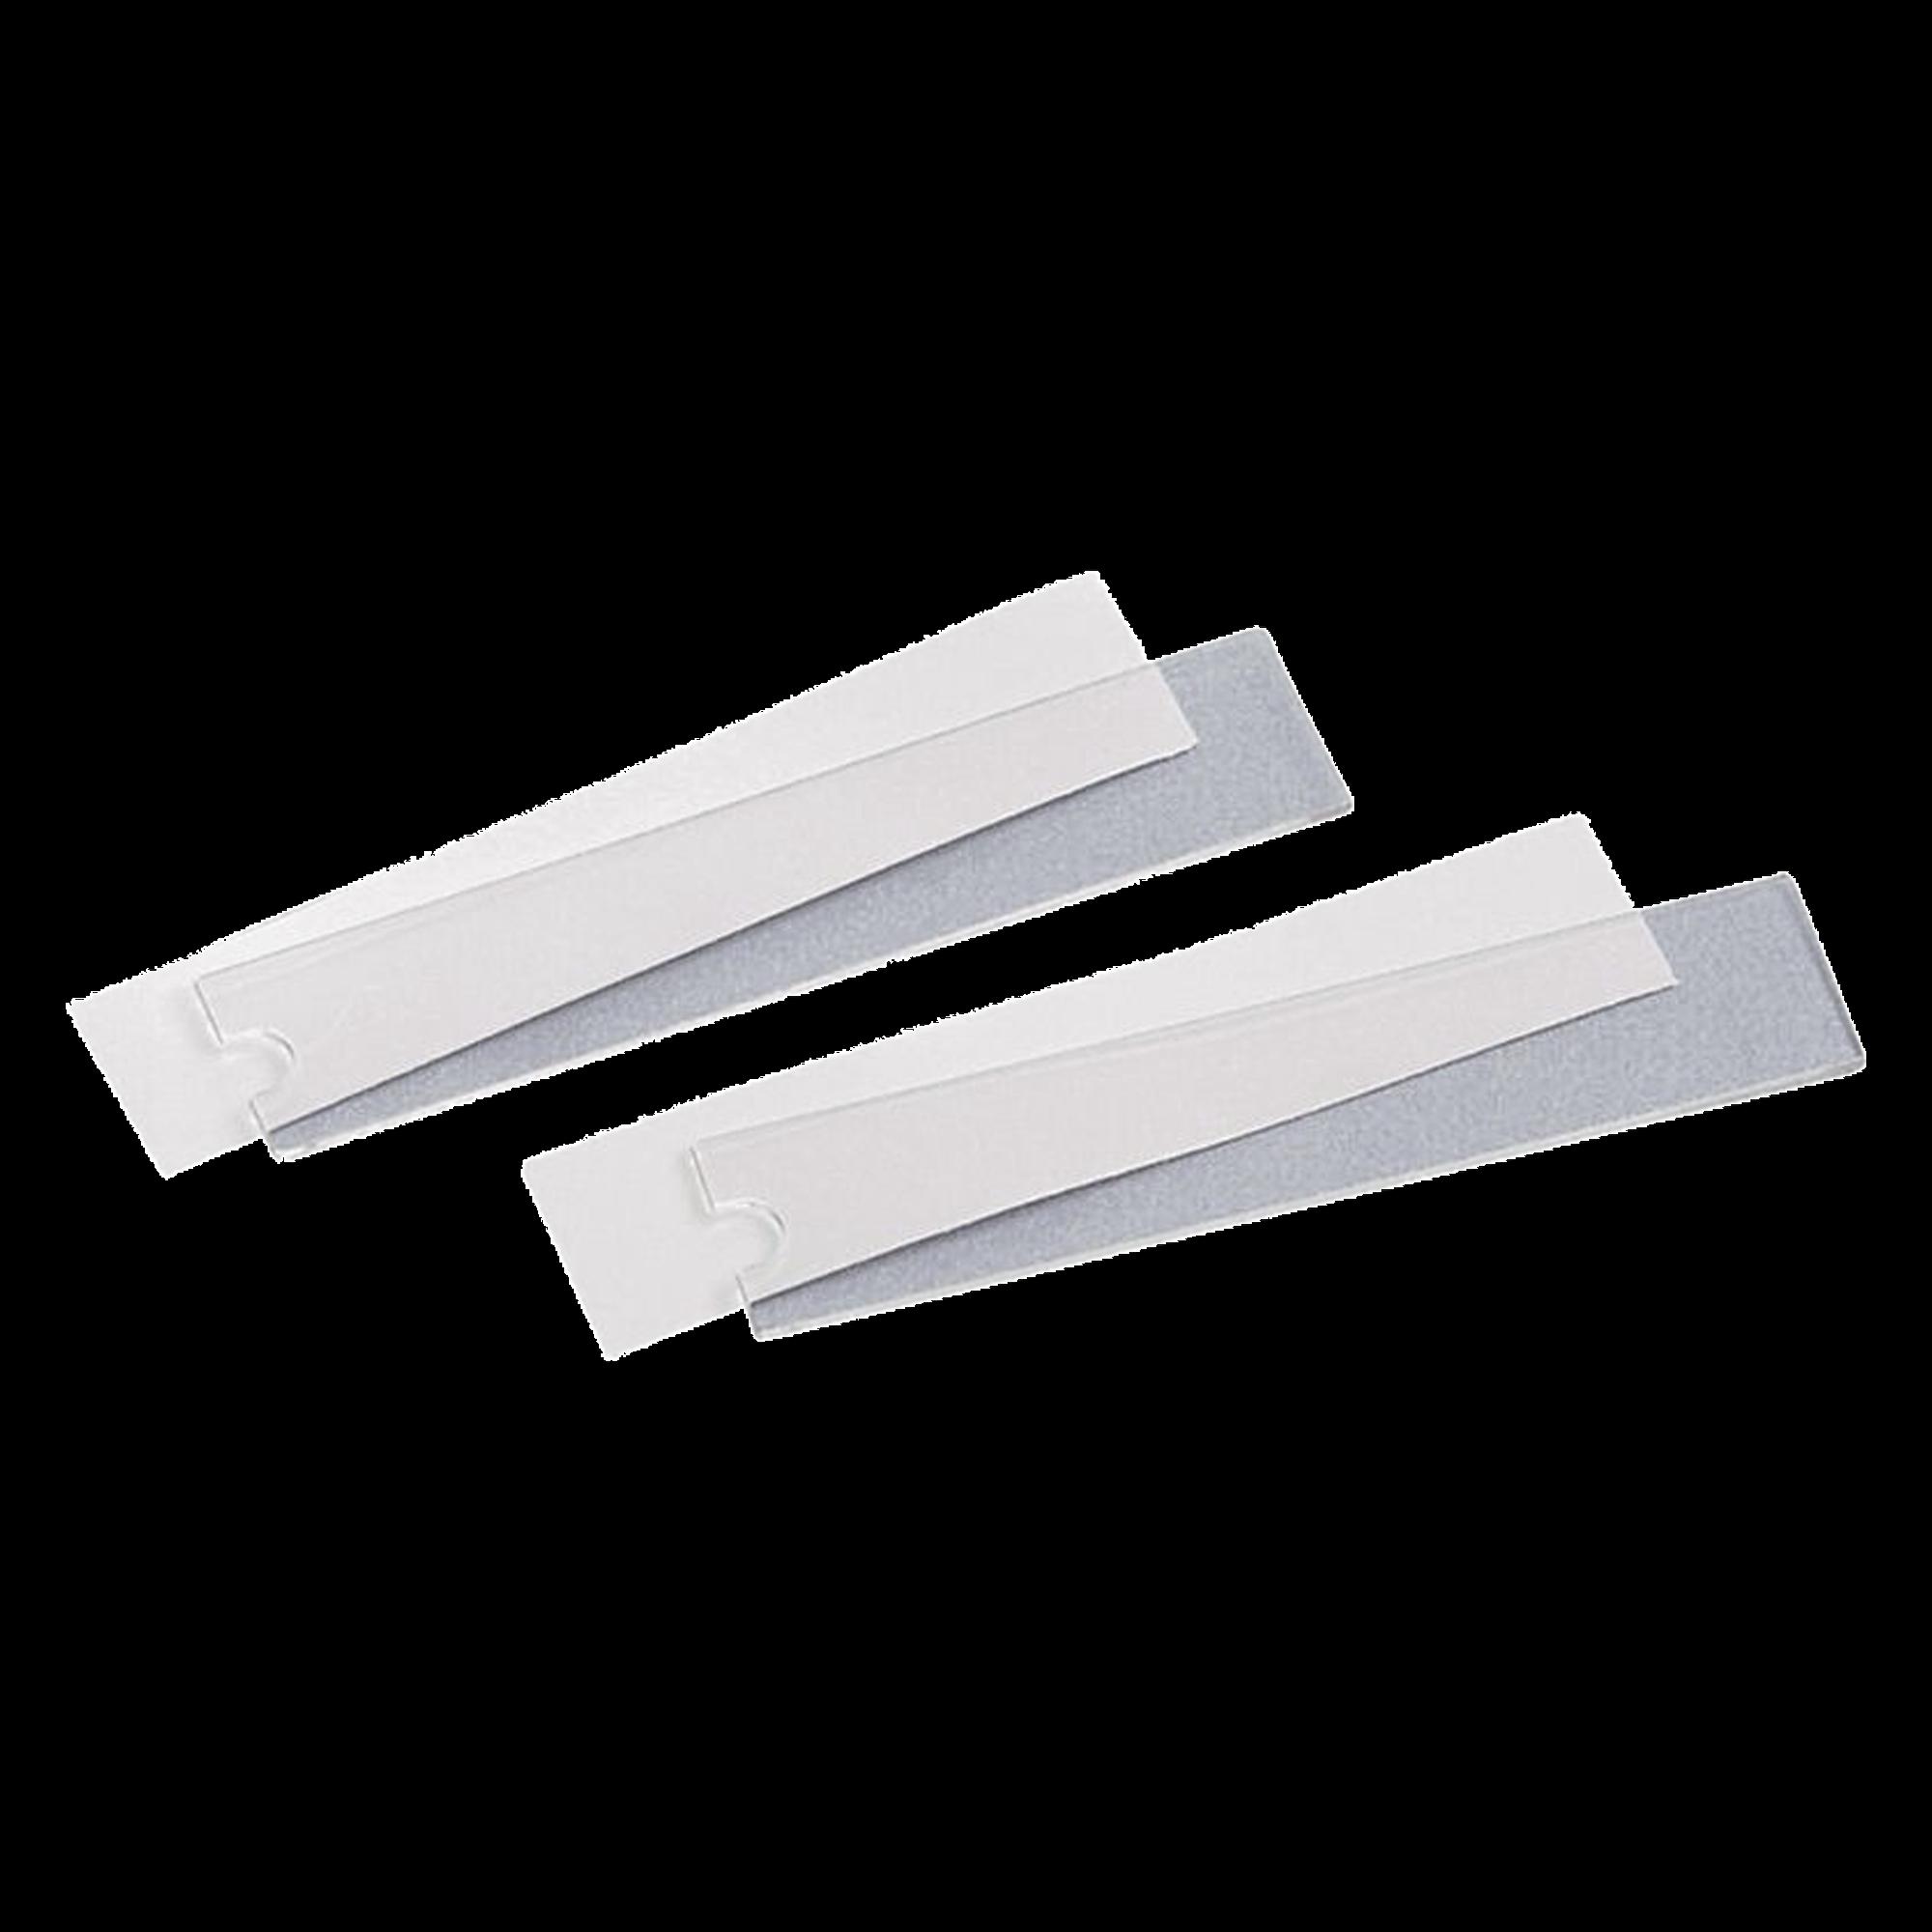 Kit de 50 Etiquetas y 50 Cubiertas, para Uso con Placas de Pared Mini-Com? Ejecutivas o Clásicas con Espacio para Etiqueta